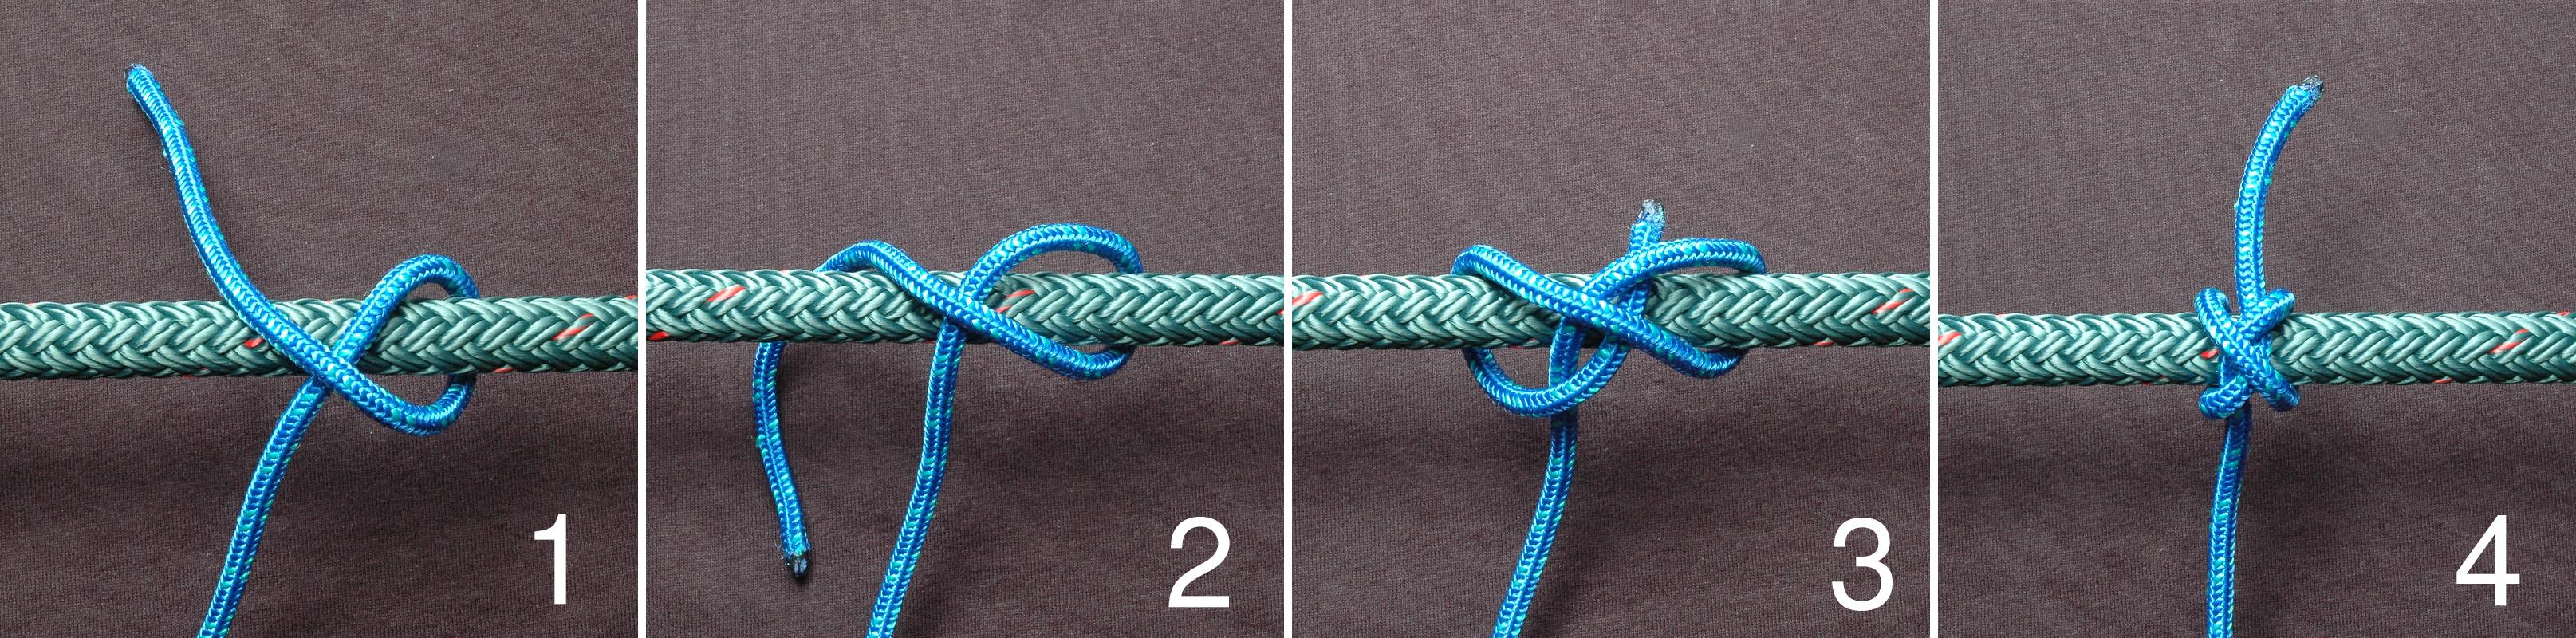 Веревочная лестница своими руками узлы